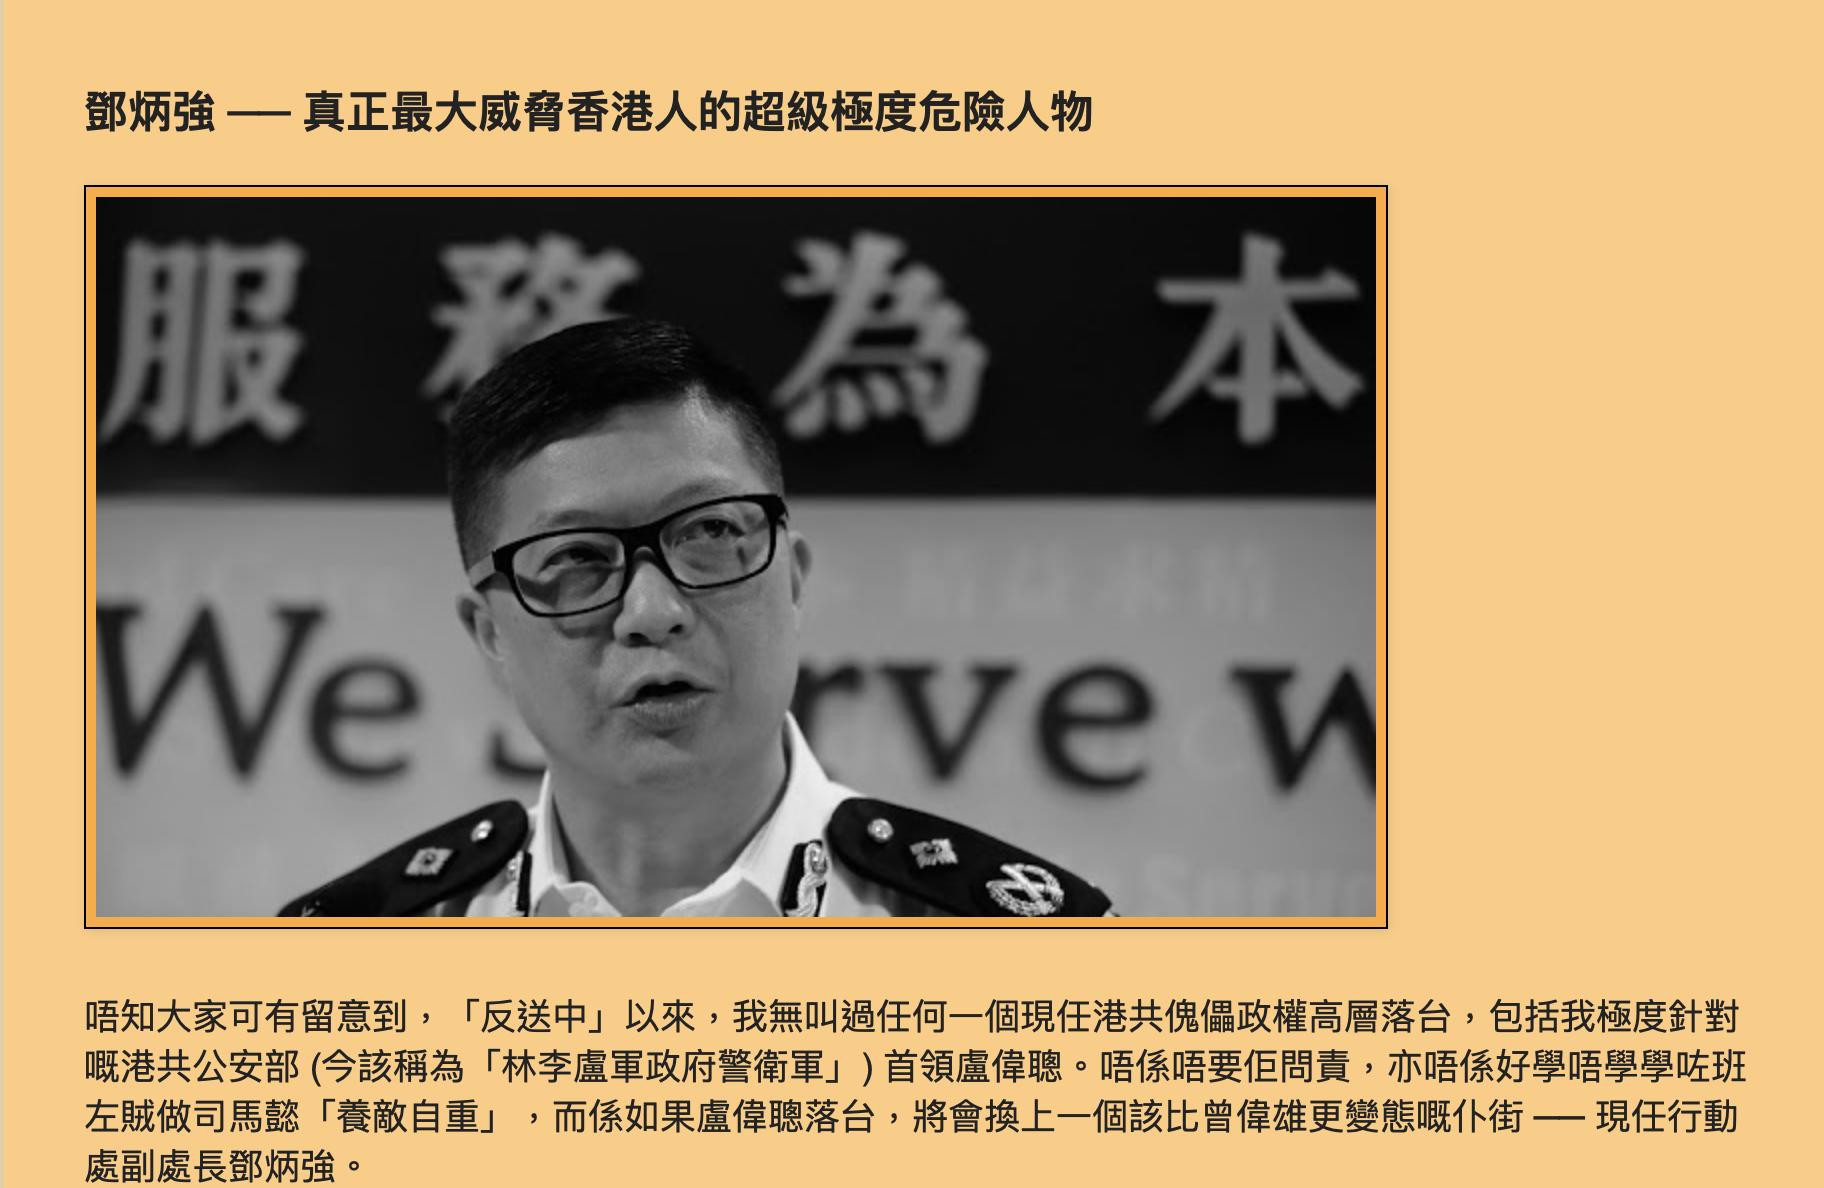 「林離盡誌」博客在去年貼出題為「鄧炳強 ── 真正最大威脅香港人的超級極度危險人物」(網絡截圖)